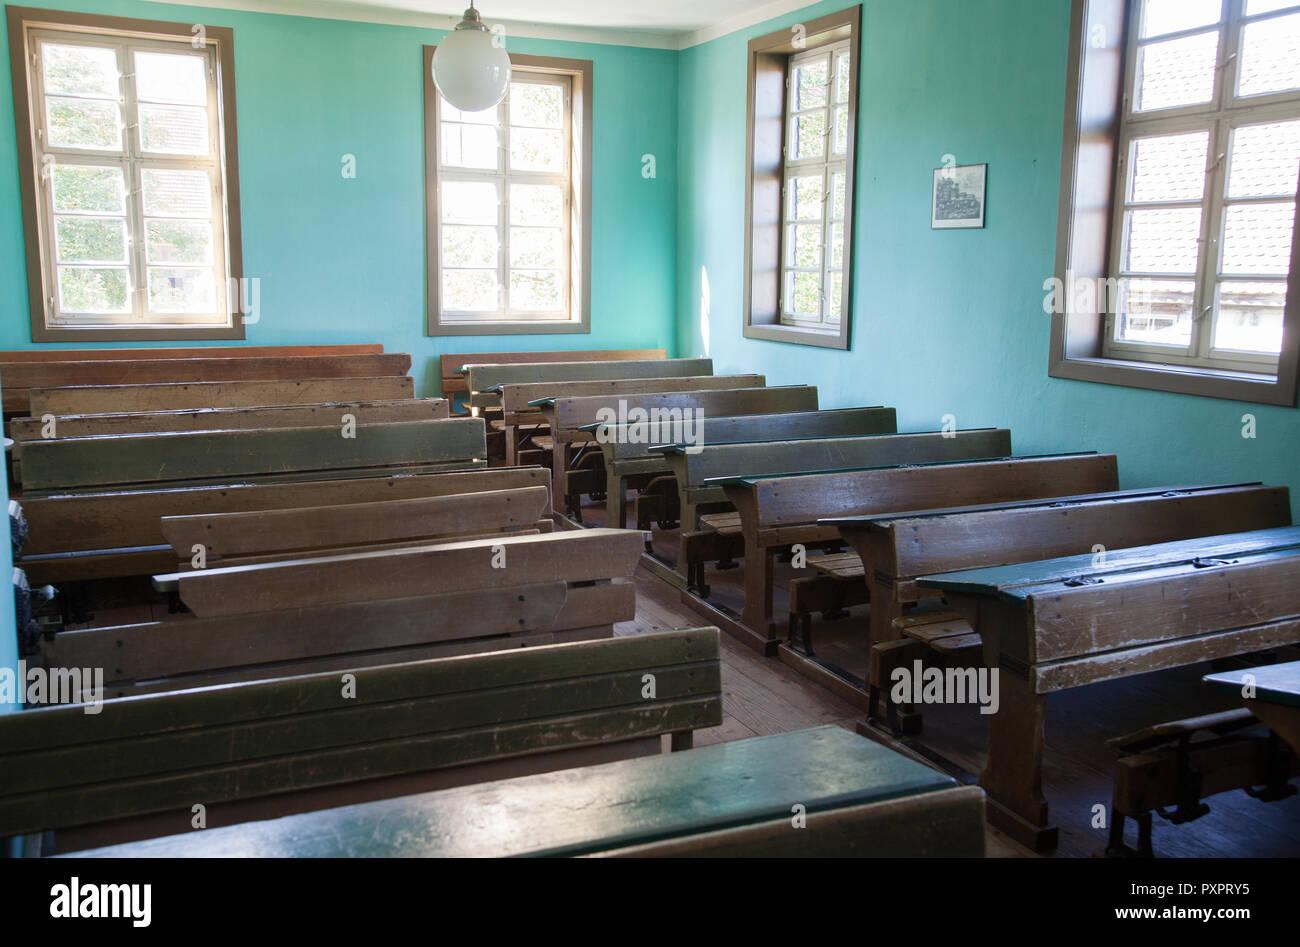 Aula con antiguos pupitres y asientos de madera vacías Foto de stock